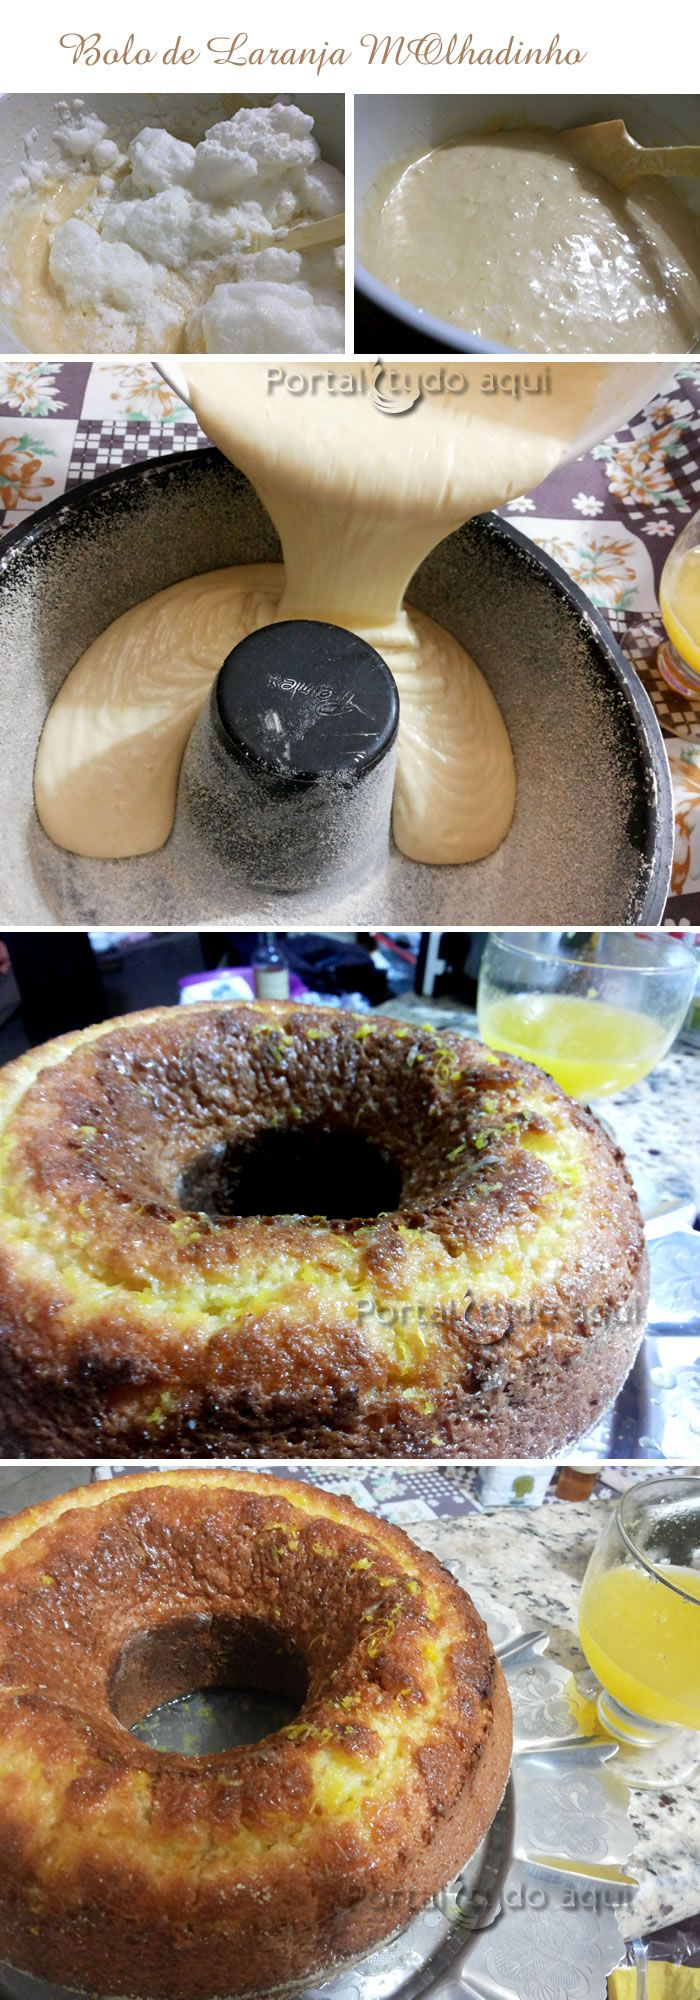 Receita de bolo de laranja molhadinho